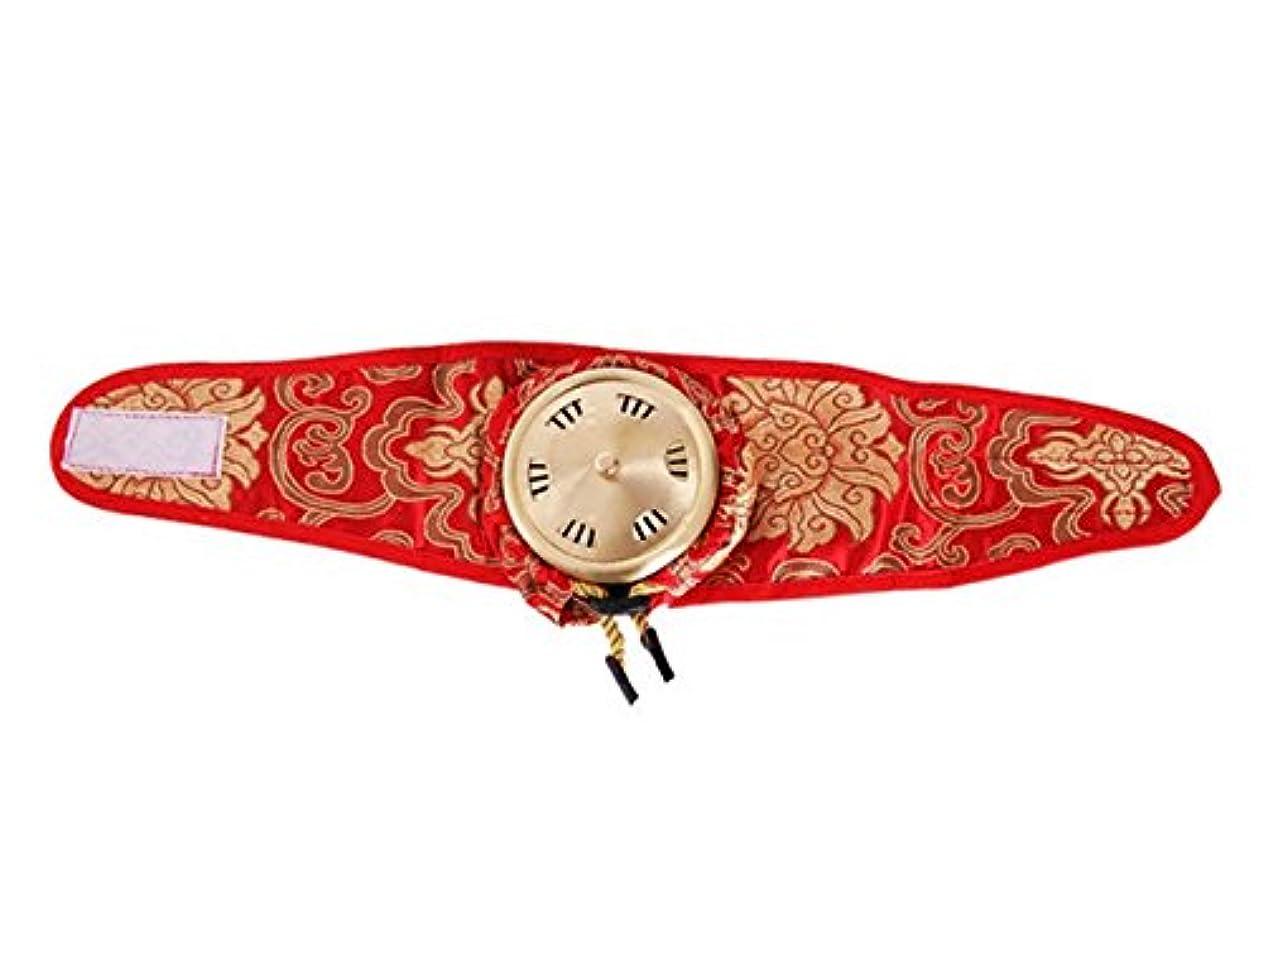 ワイプ優しさ調べるポータブルシングルリンク純粋な銅サテン布灸マッサージボックス Elitzia ET01